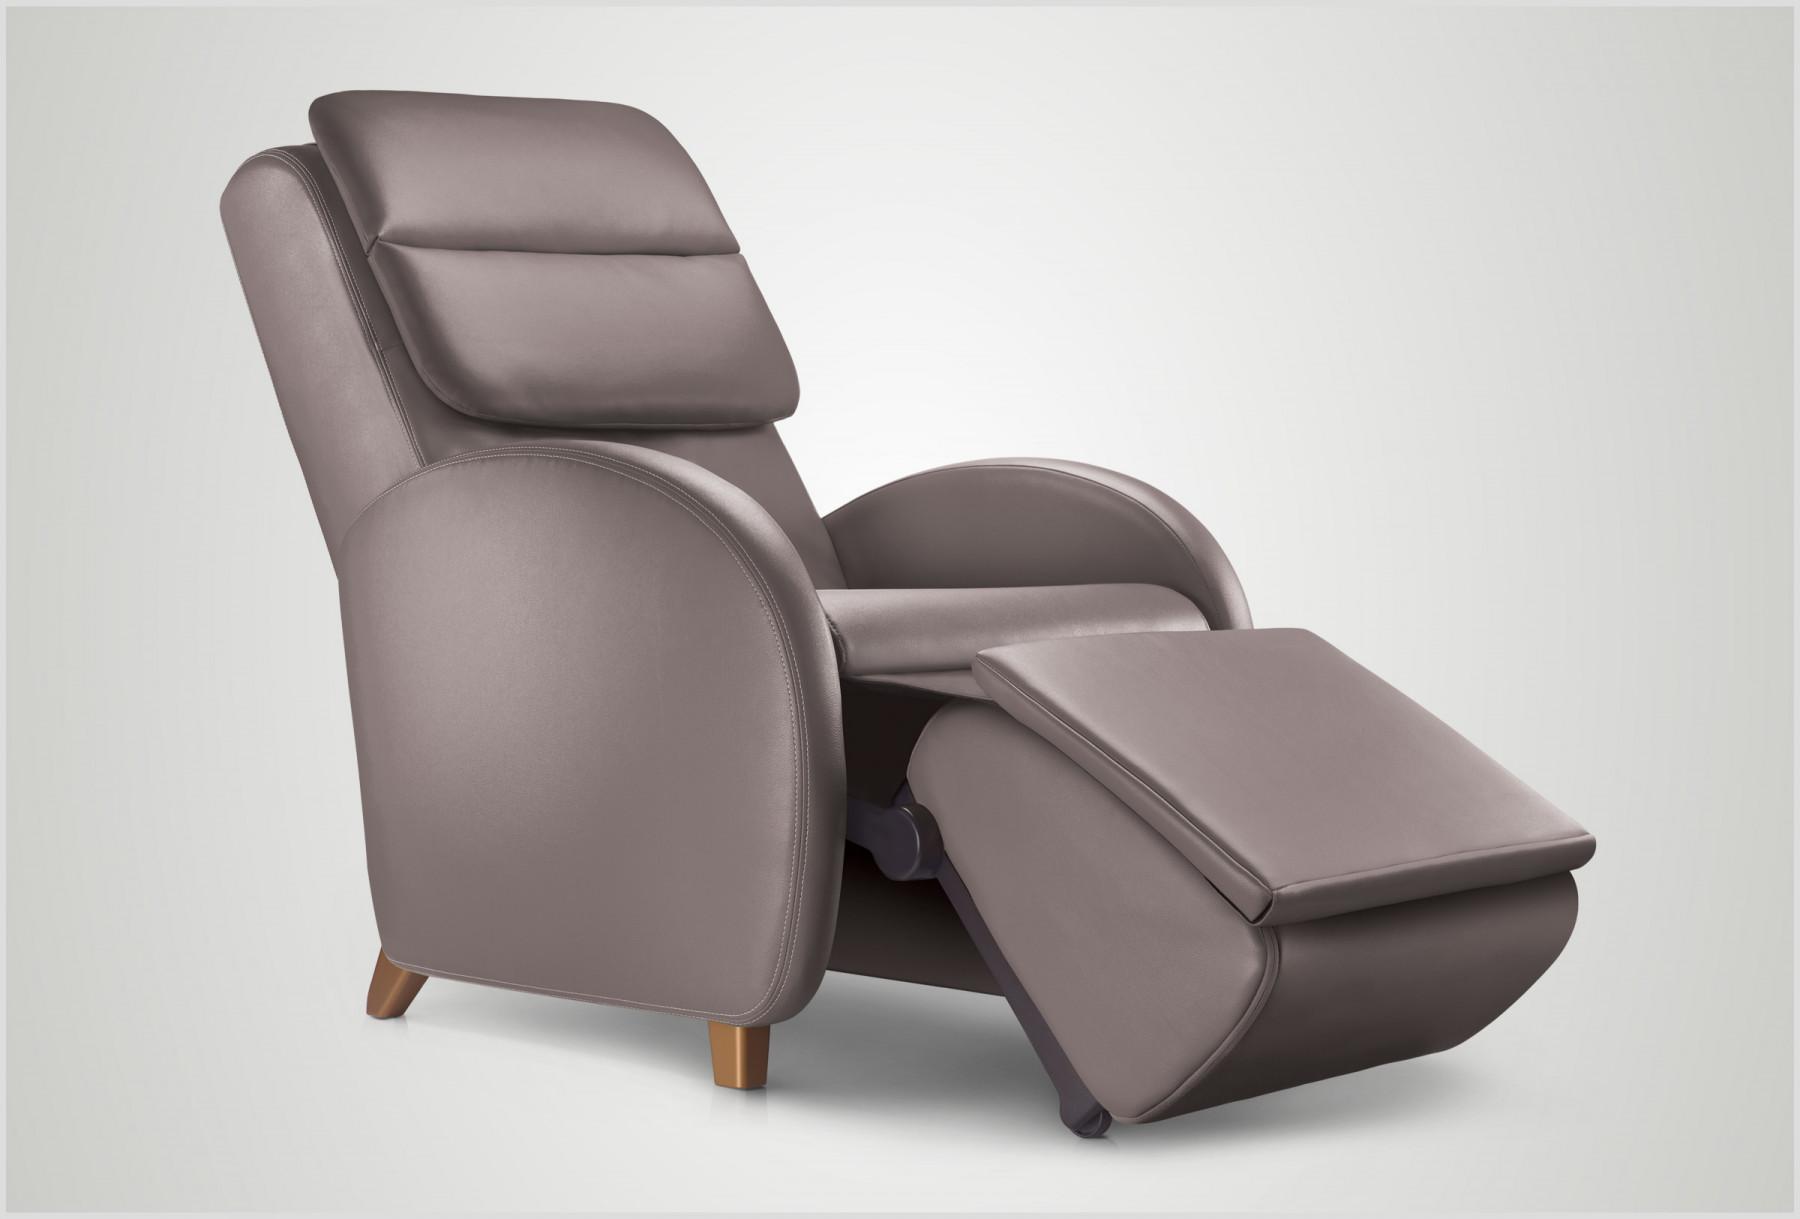 Osim massage chair price - Udiva Classic Massage Sofa